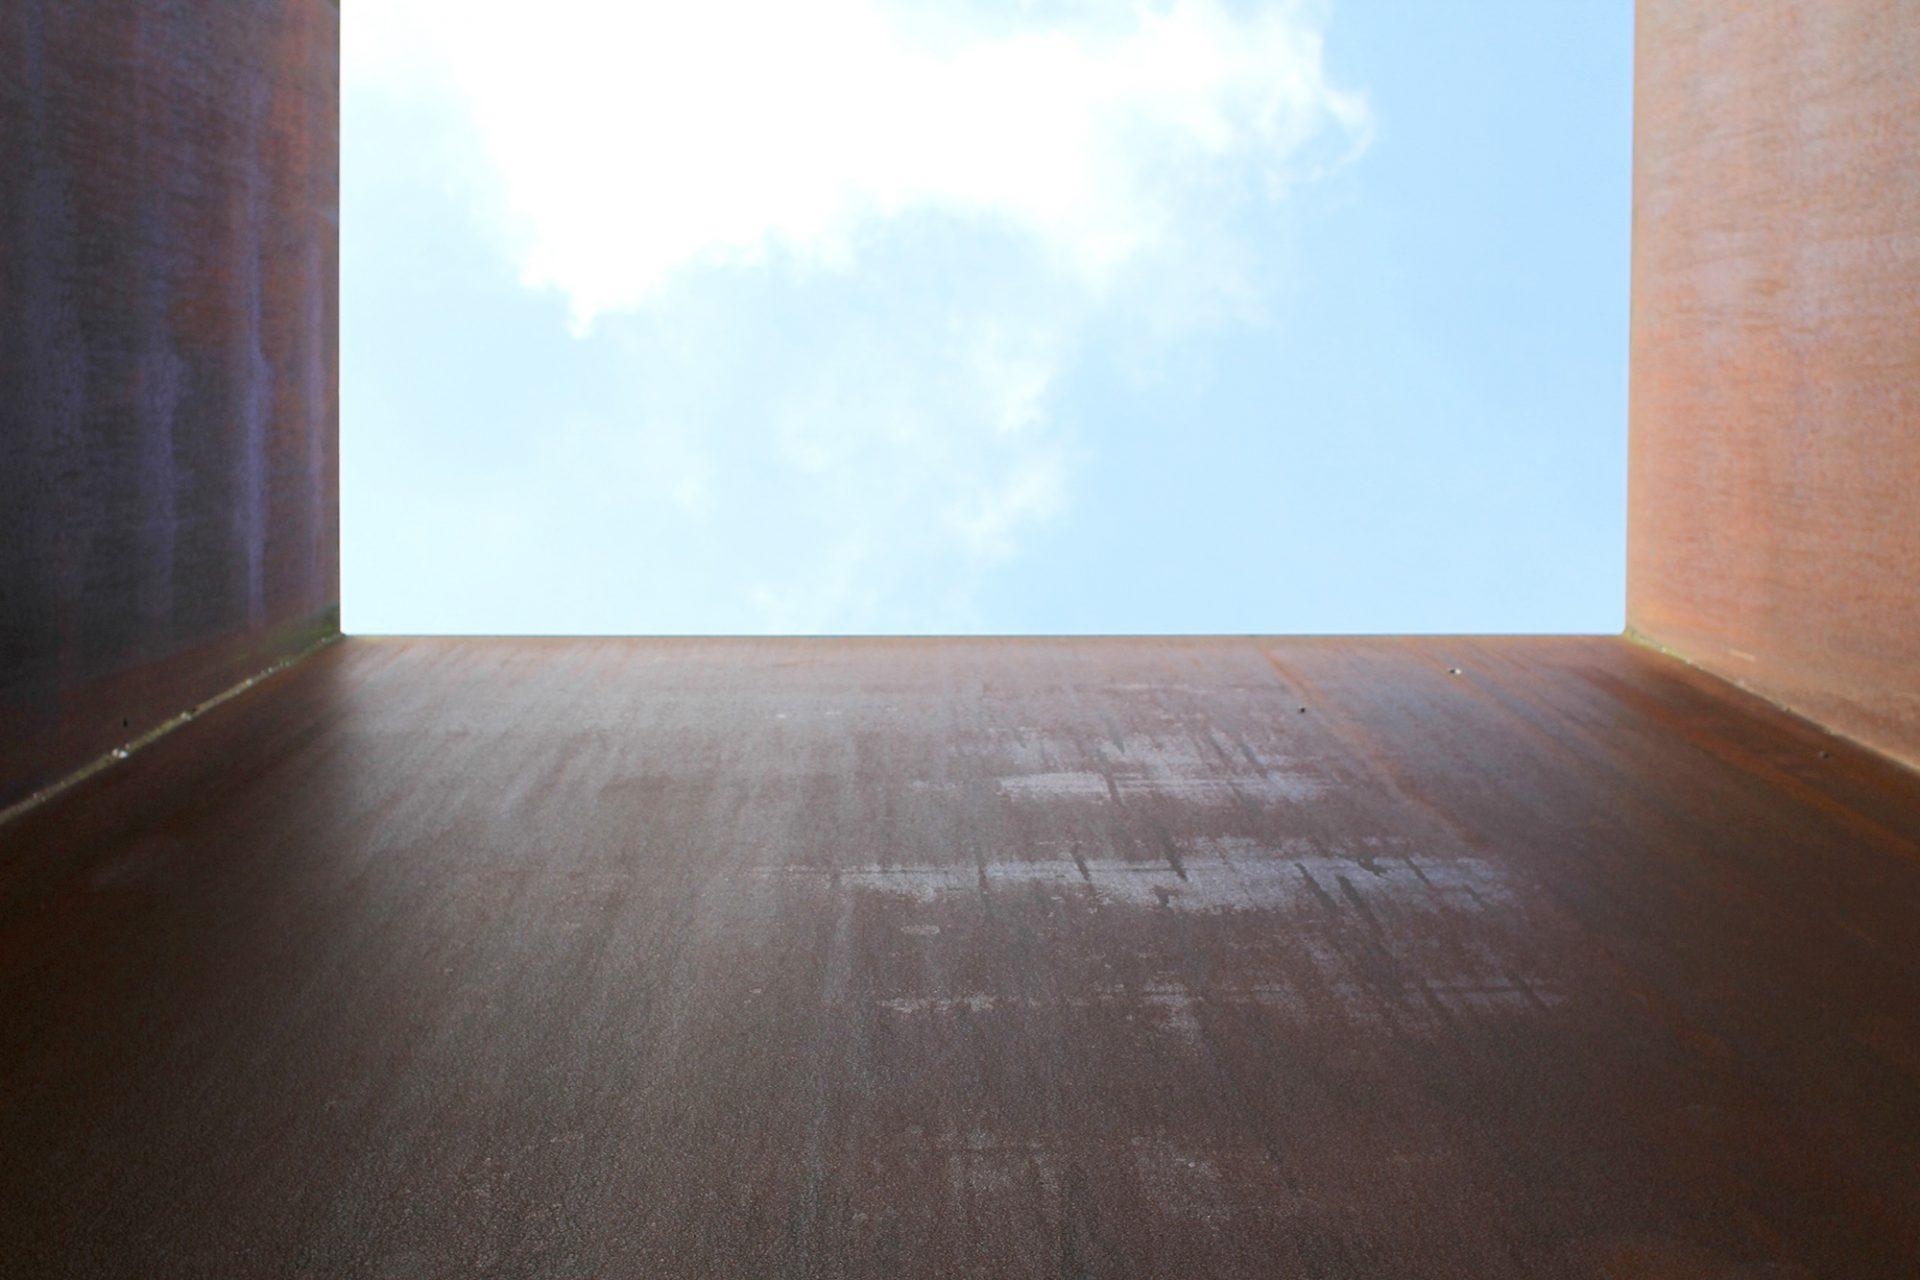 """""""Axis"""".  Die Skulptur des amerikanischen Künstlers Richard Serra neben dem Haupteingang wurde 1989 aufgestellt. Drei gewaltige, etwa 10 Meter hohe Scheiben aus Corten-Stahl scheinen gegeneinander gelehnt. So entsteht der Eindruck eines fragilen Gleichgewichts."""